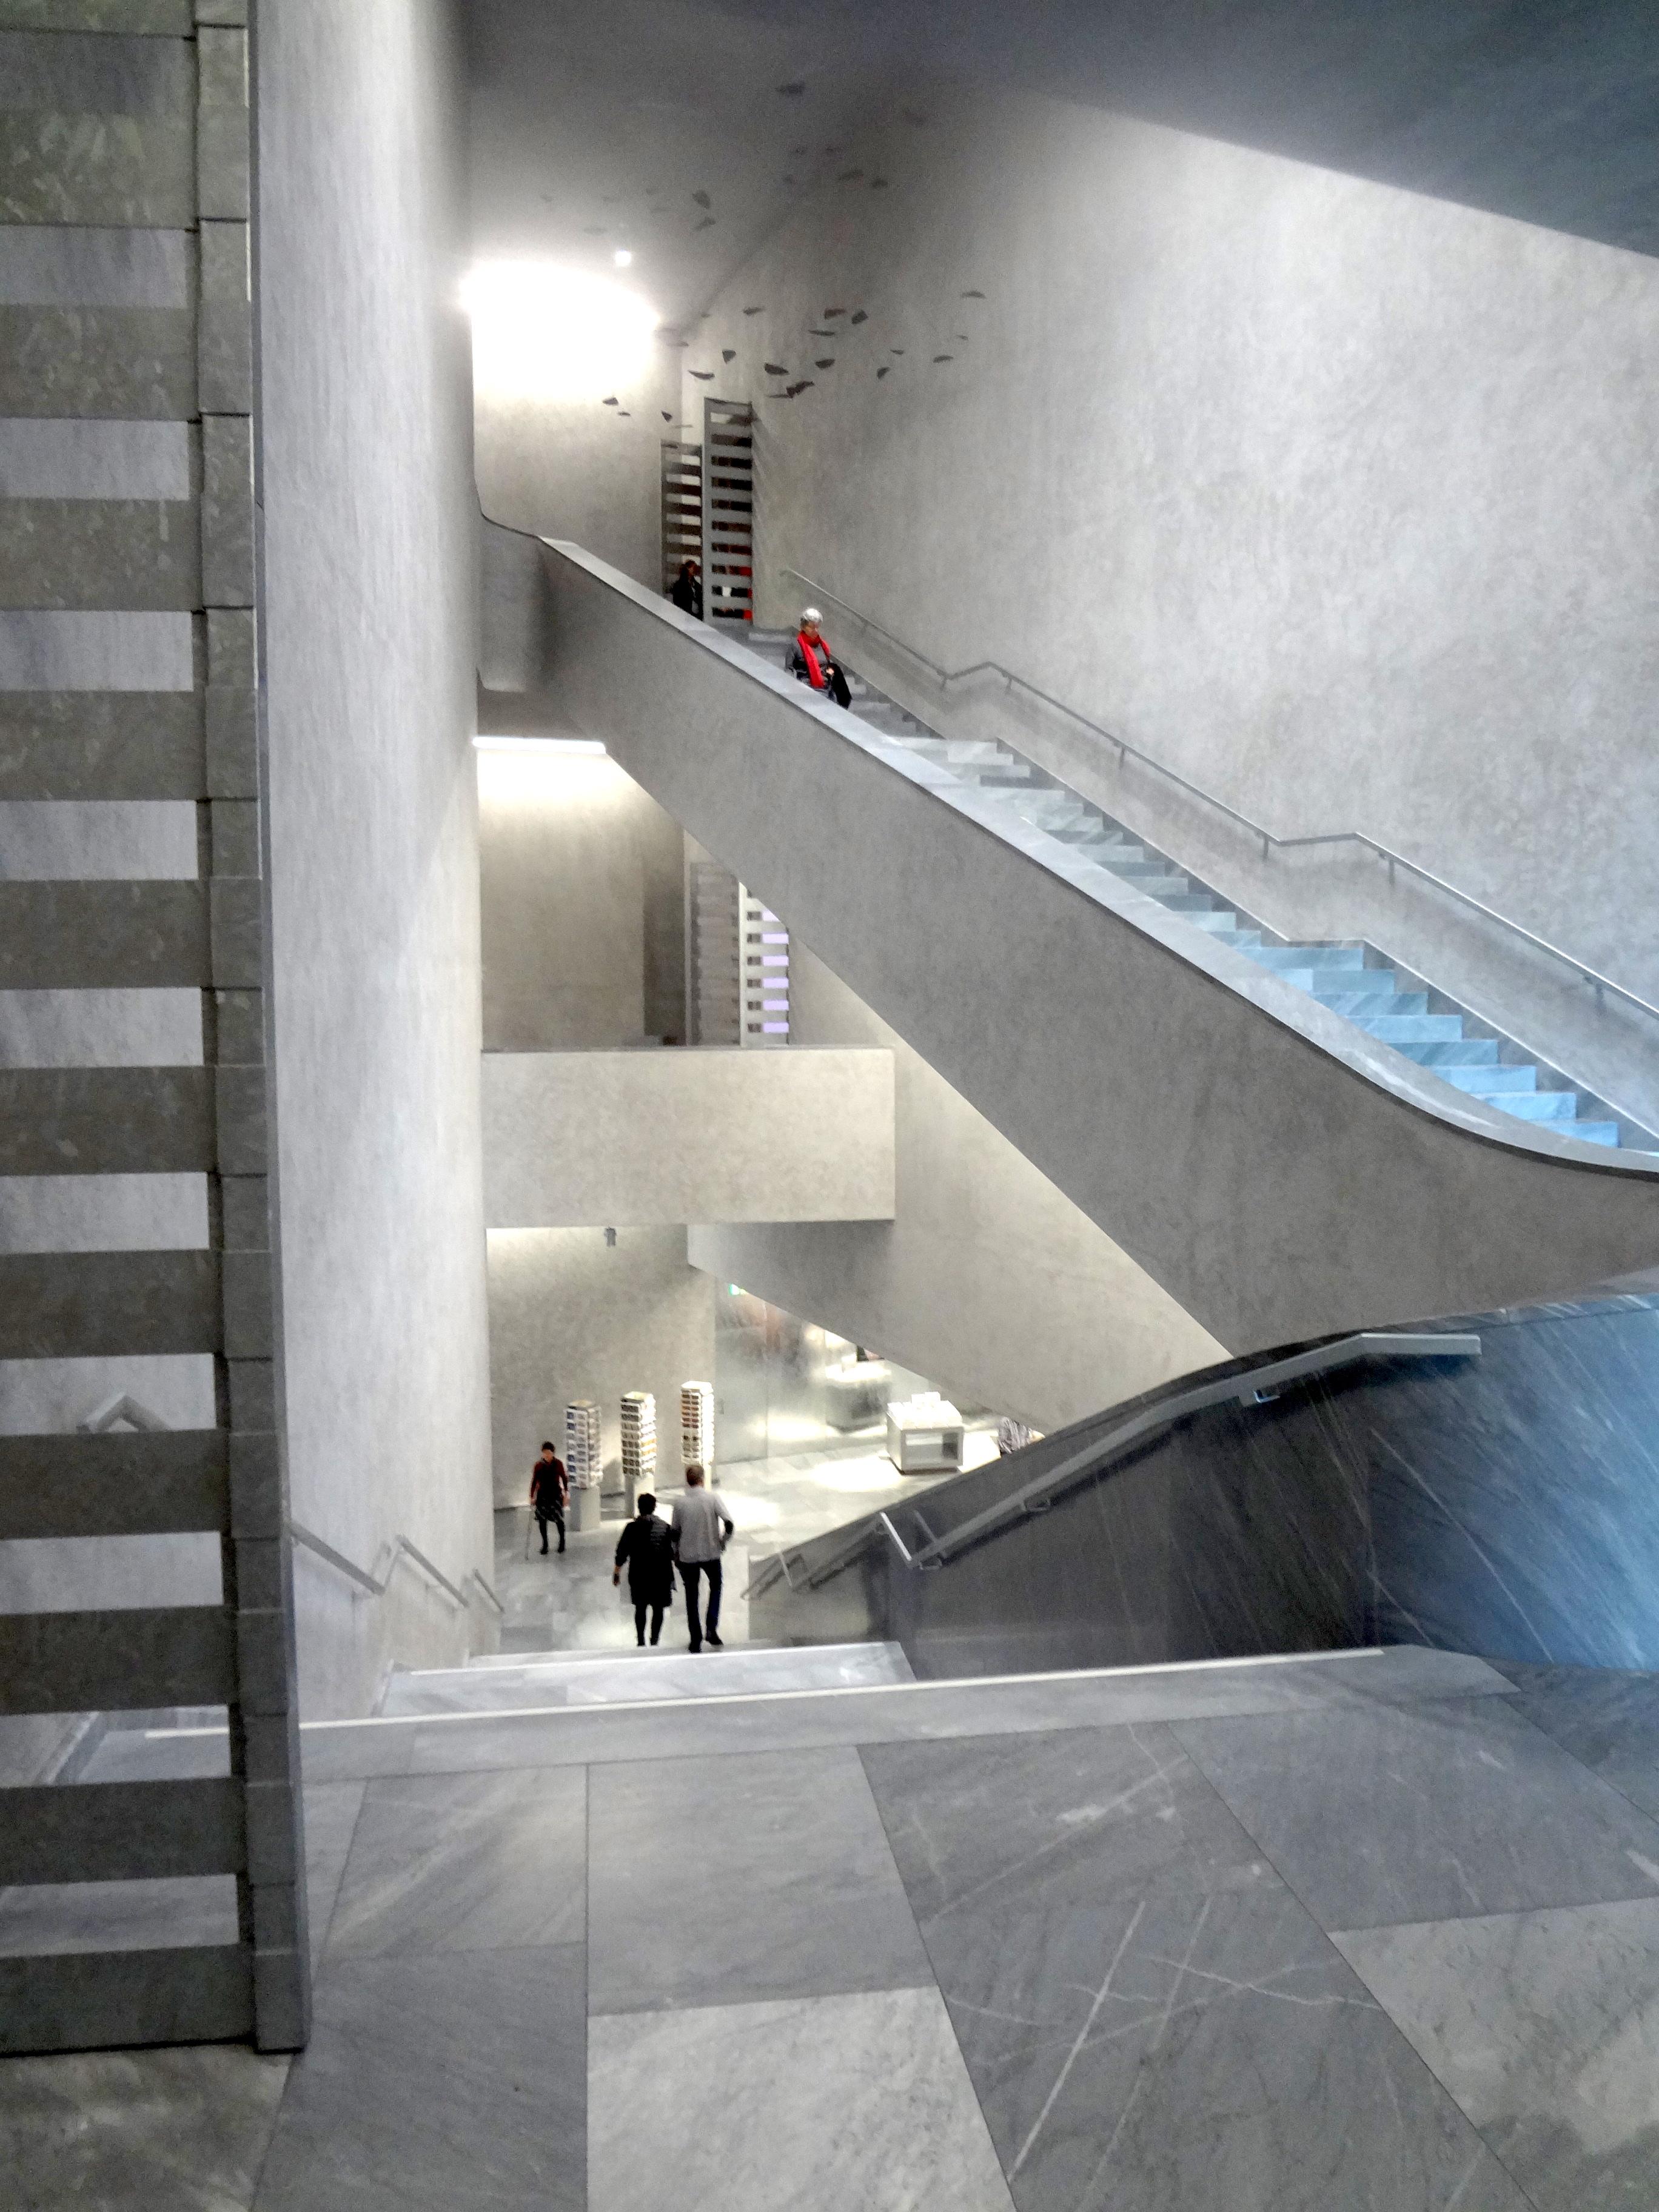 File:Neubau des Kunstmuseums in Basel - Innen-2.jpg - Wikimedia Commons